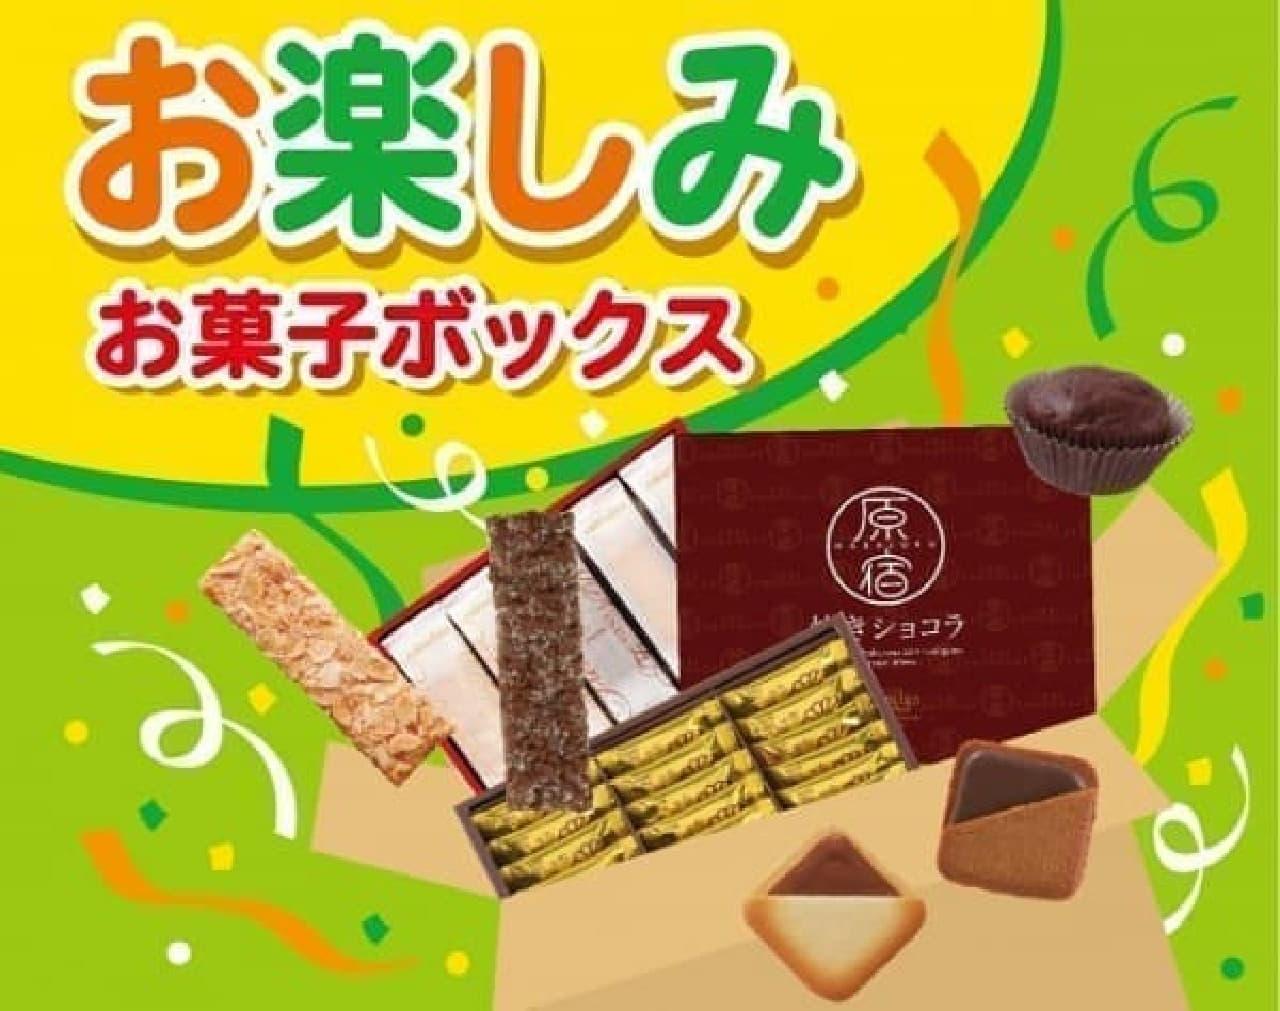 コロンバン「お楽しみお菓子ボックス」